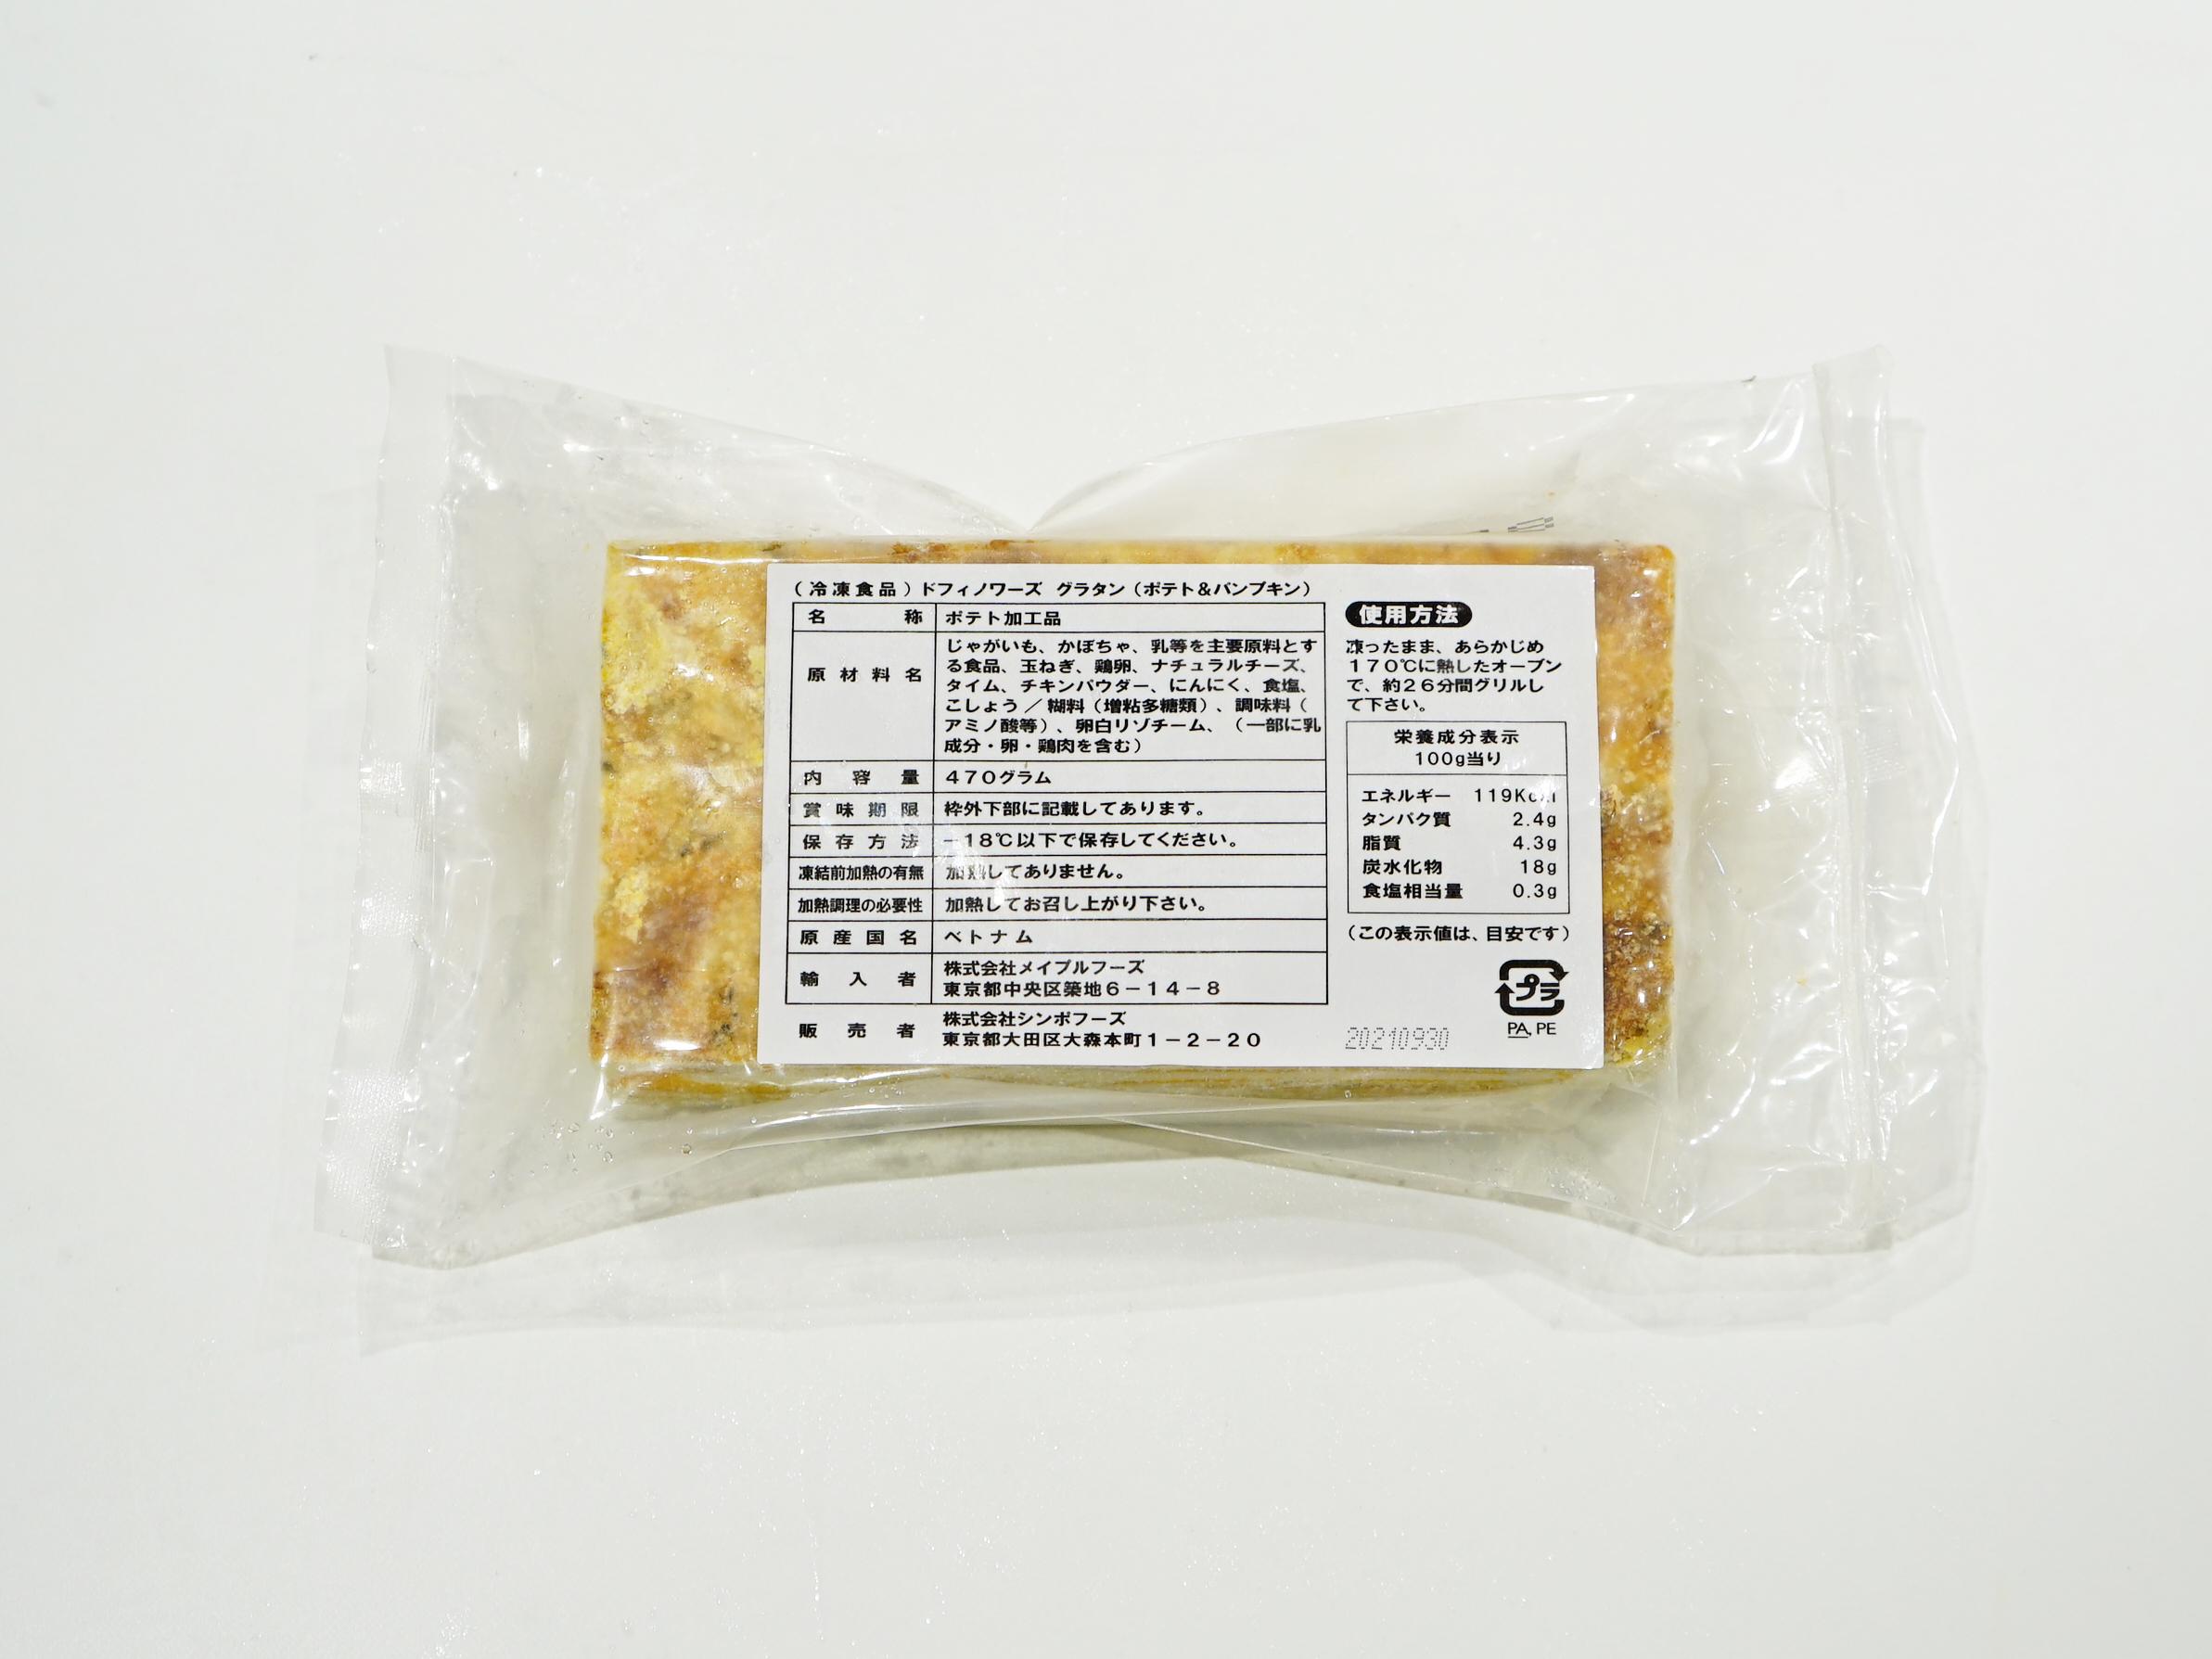 ドフィノワーズ グラタン (ポテト&パンプキン)